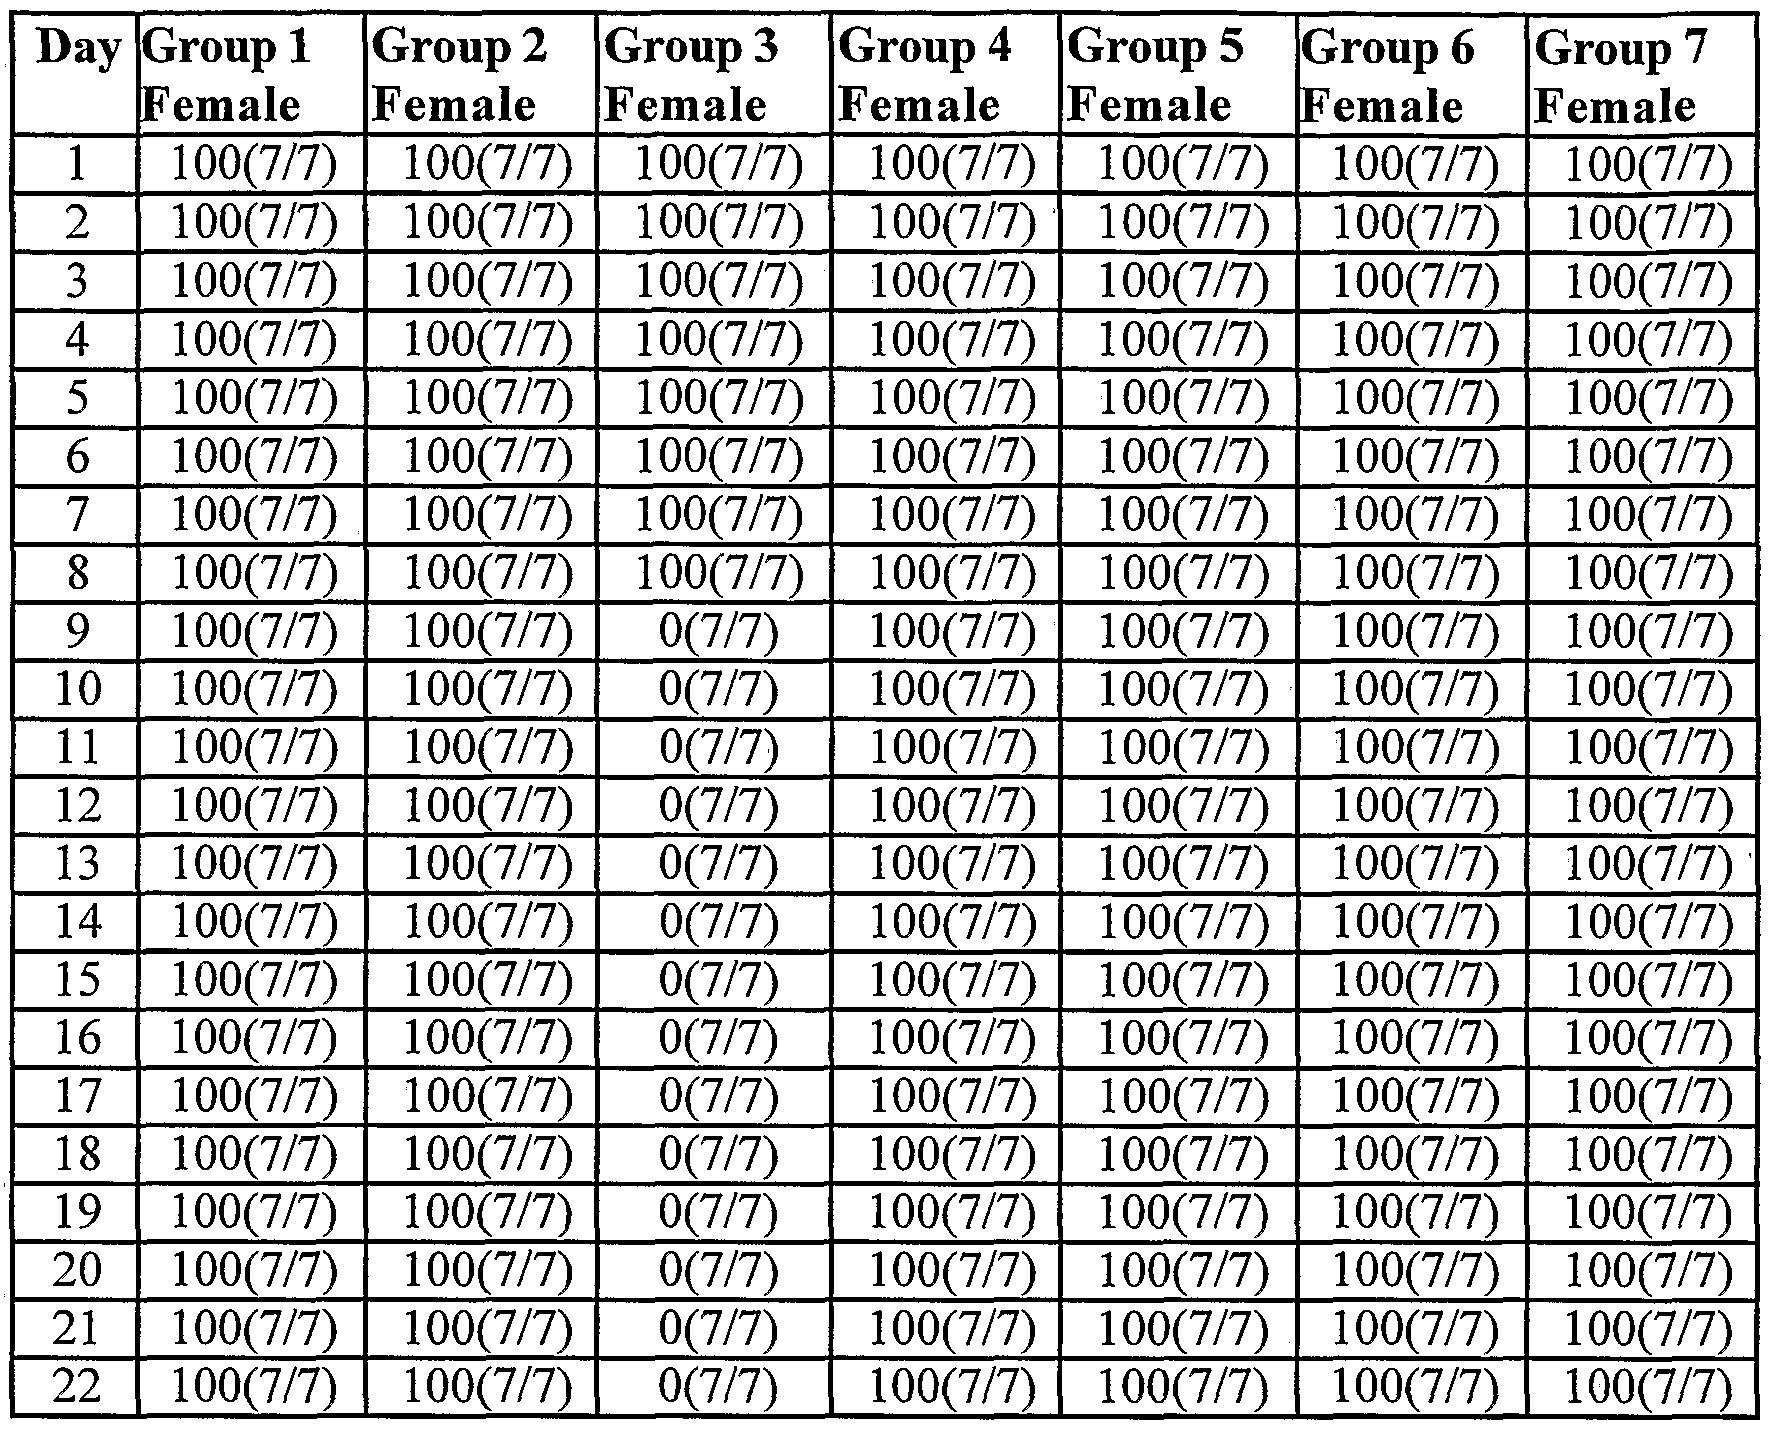 28 Day Multi Dose Calendar | Printable Calendar Template 2020 Multi-Dose Vial 90 Day Expiration Calendar